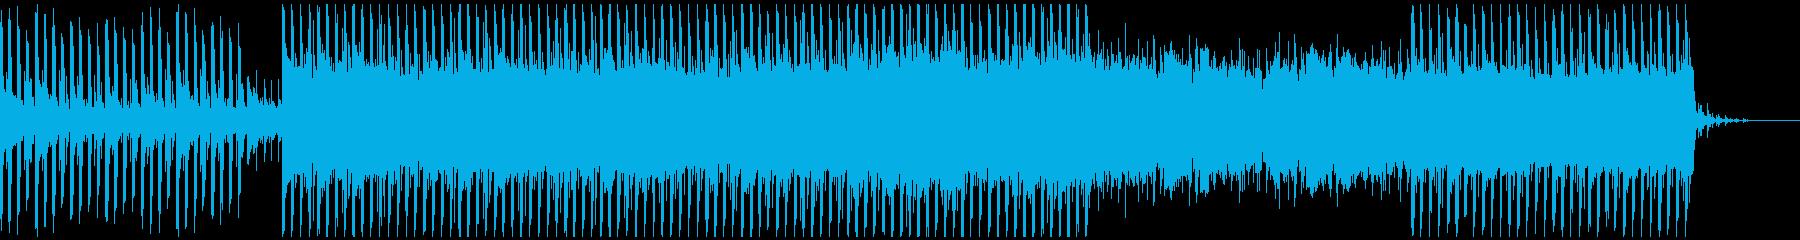 アップビート動機付け音楽(中)の再生済みの波形